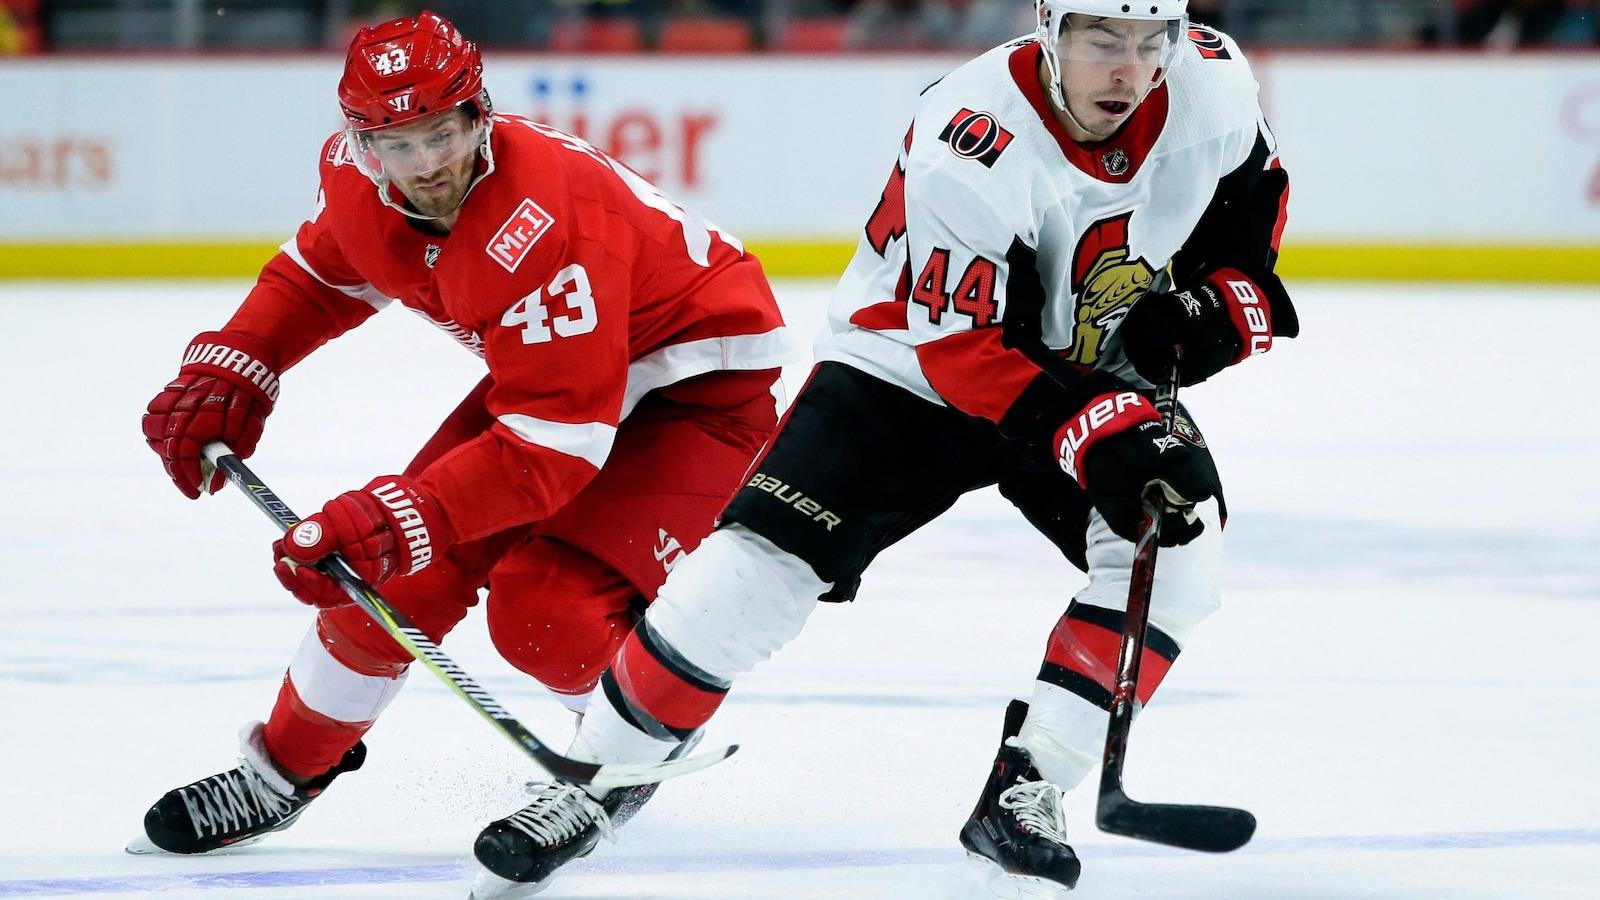 L'attaquant des Sénateurs d'Ottawa Jean-Gabriel Pageau vient de déjouer Darren Helm, des Red Wings de Détroit, durant un match.